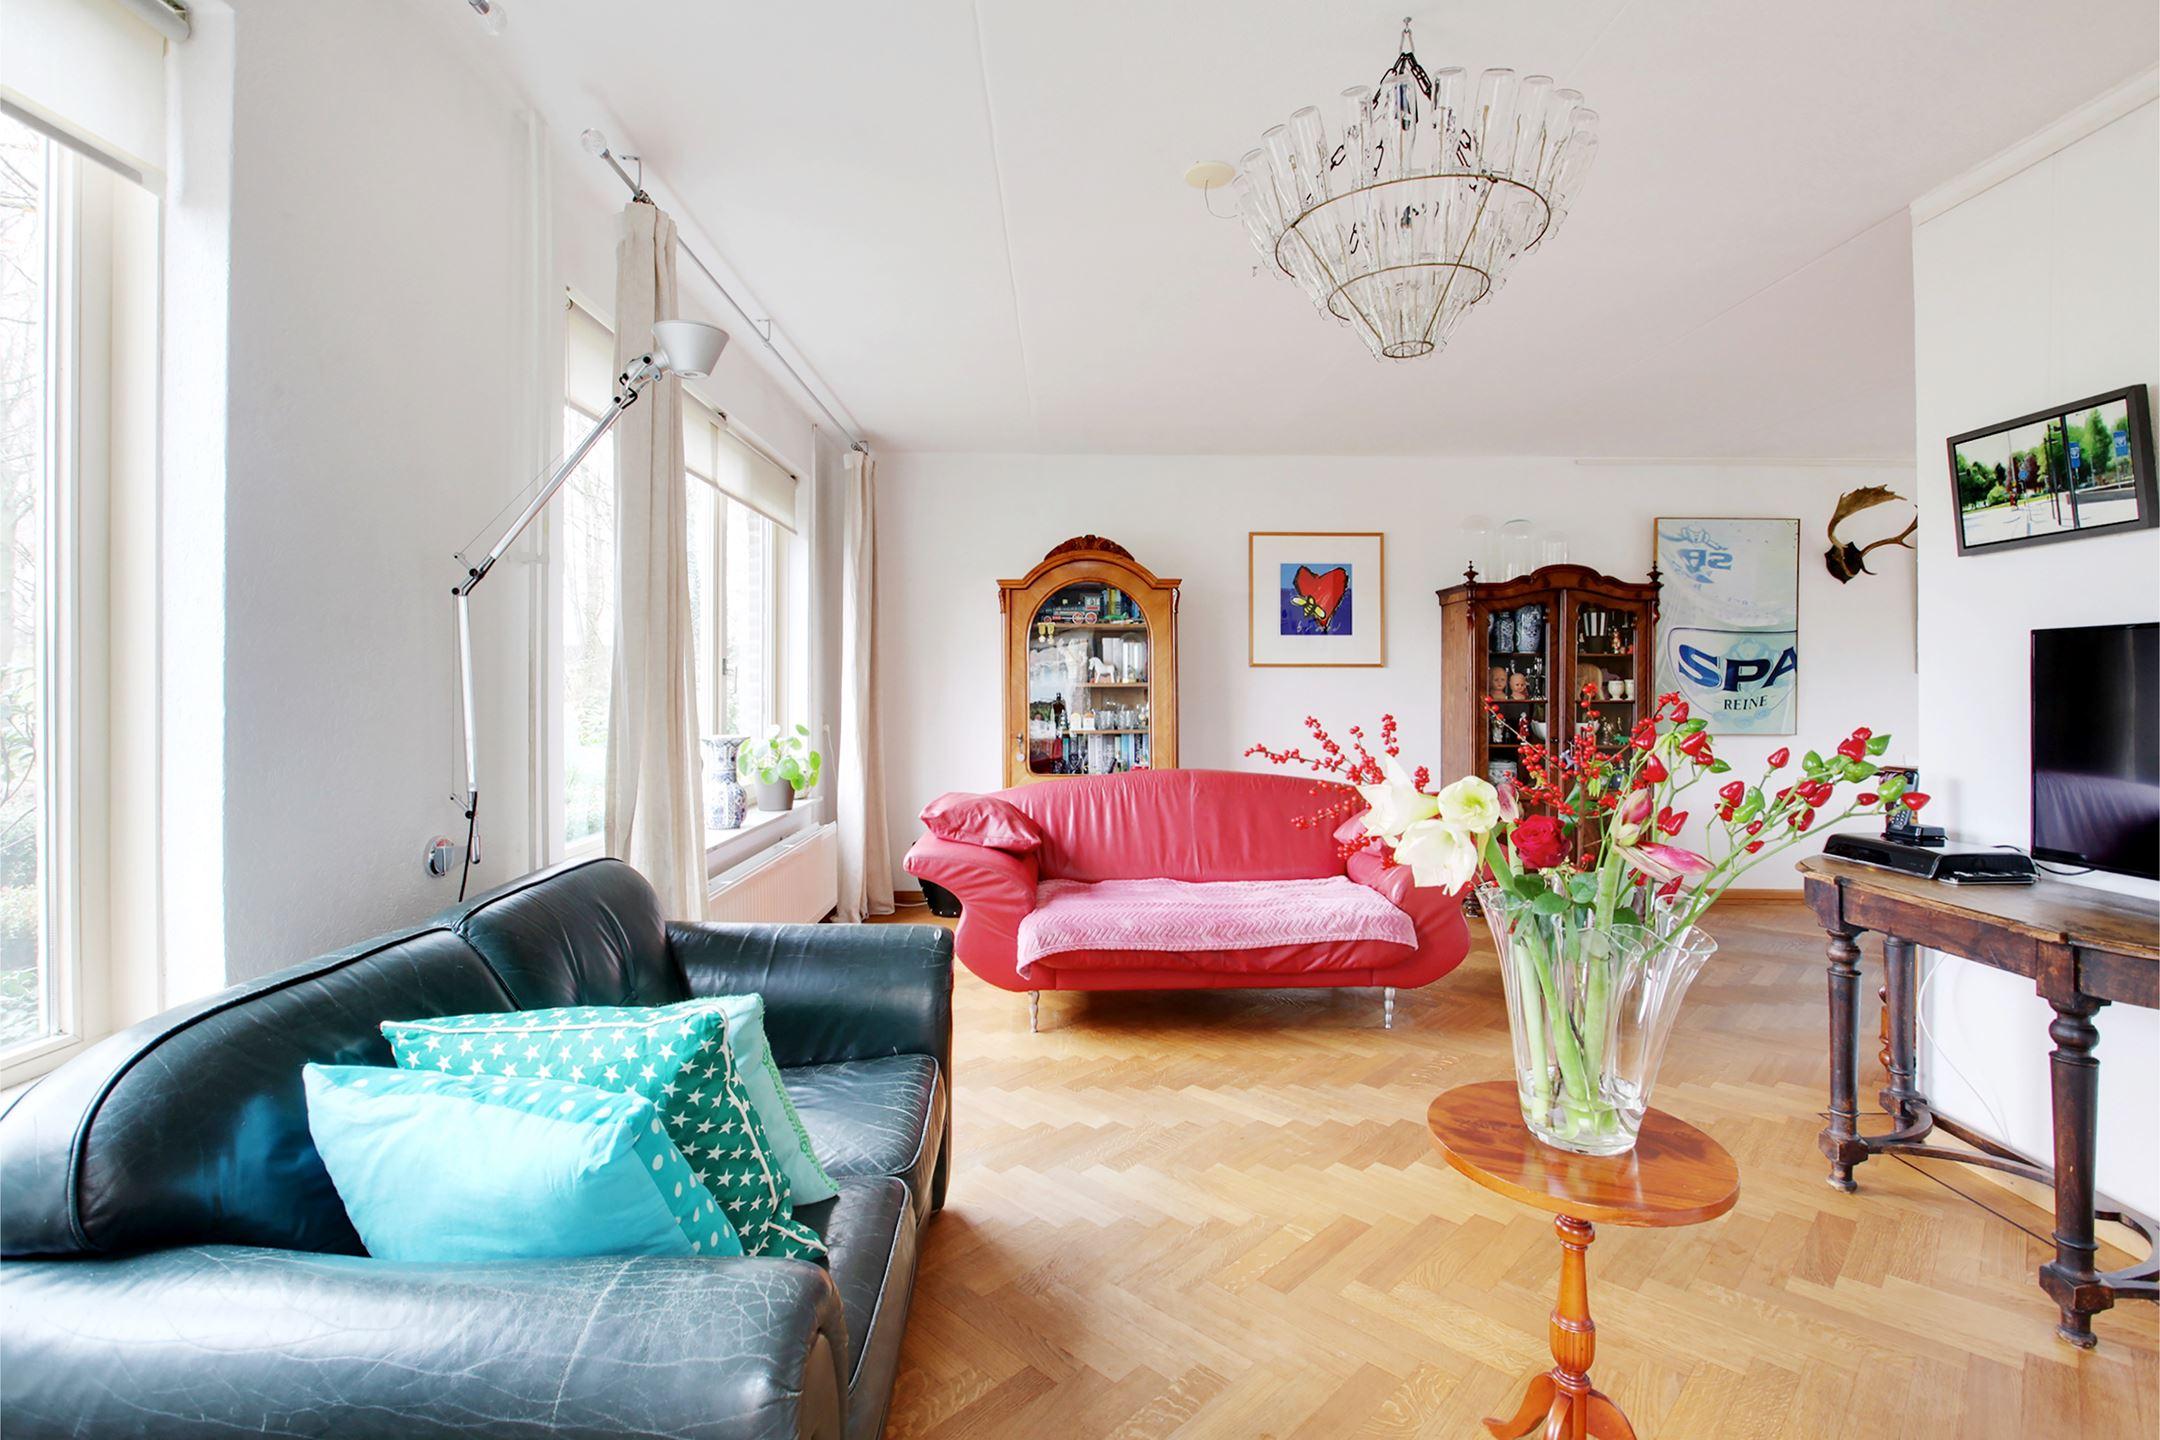 Huis te koop dorpsstraat 47 6544 ab nijmegen funda for Woning te koop nijmegen